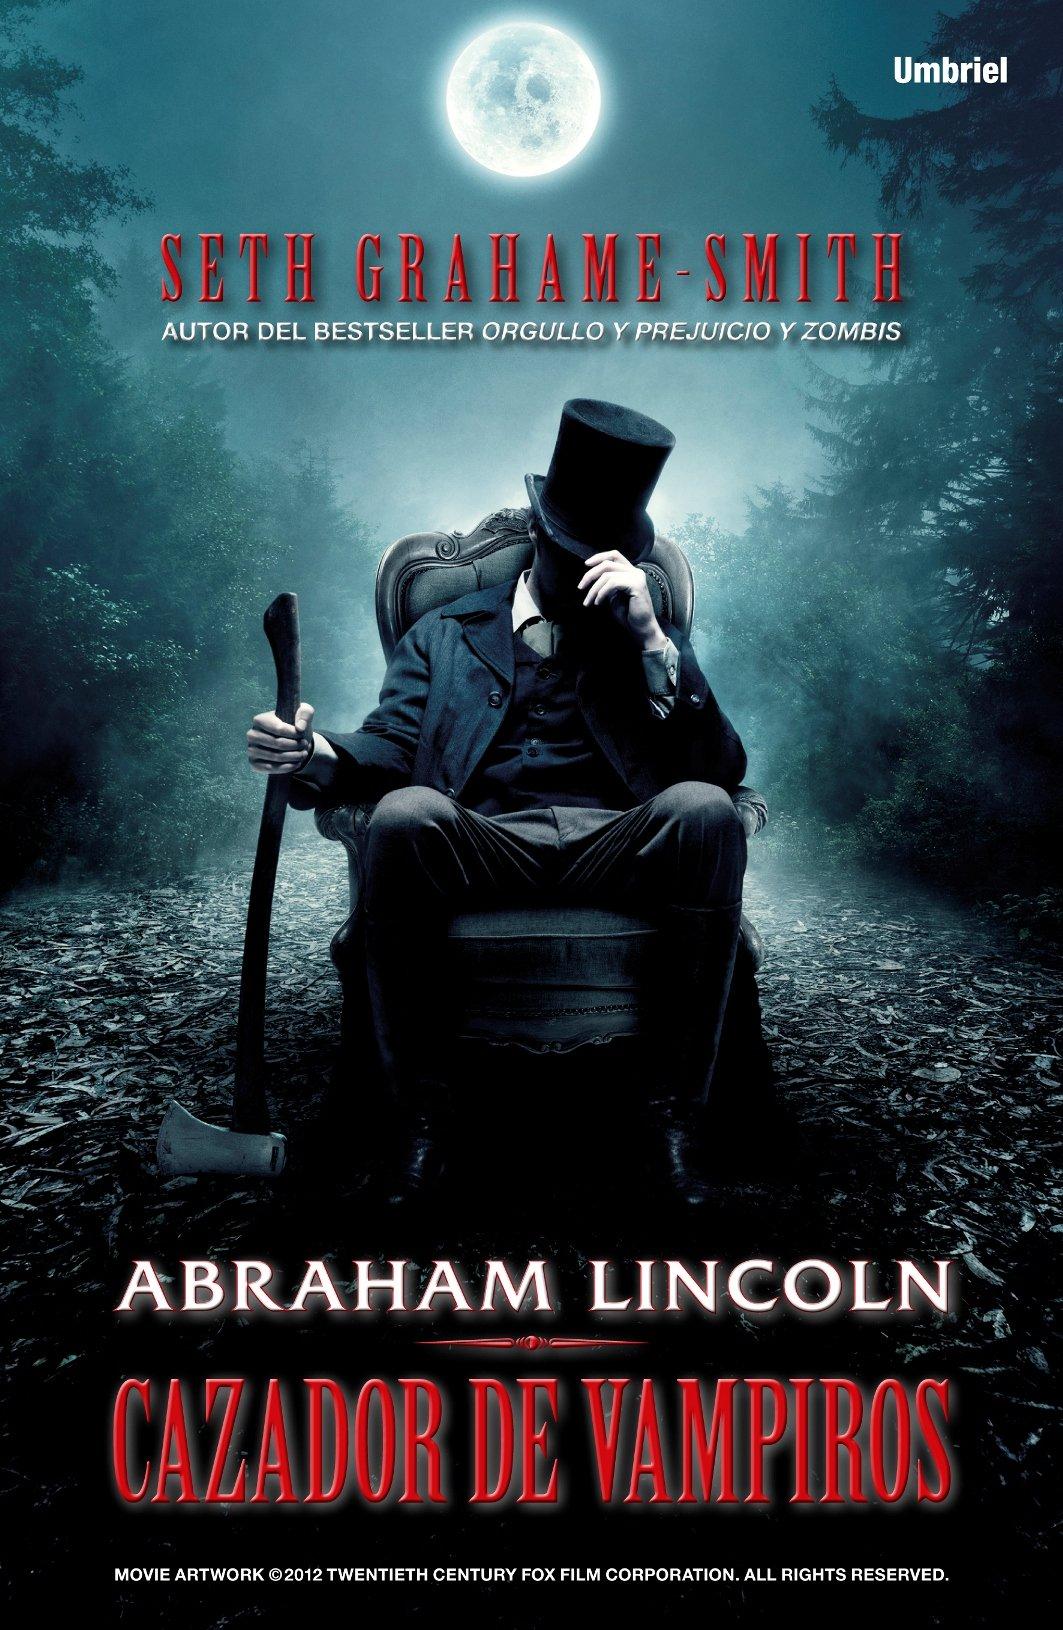 Abraham Lincoln, cazador de vampiros Umbriel fantasía: Amazon.es: Seth Grahame-Smith, Camila Batlles Vinn: Libros